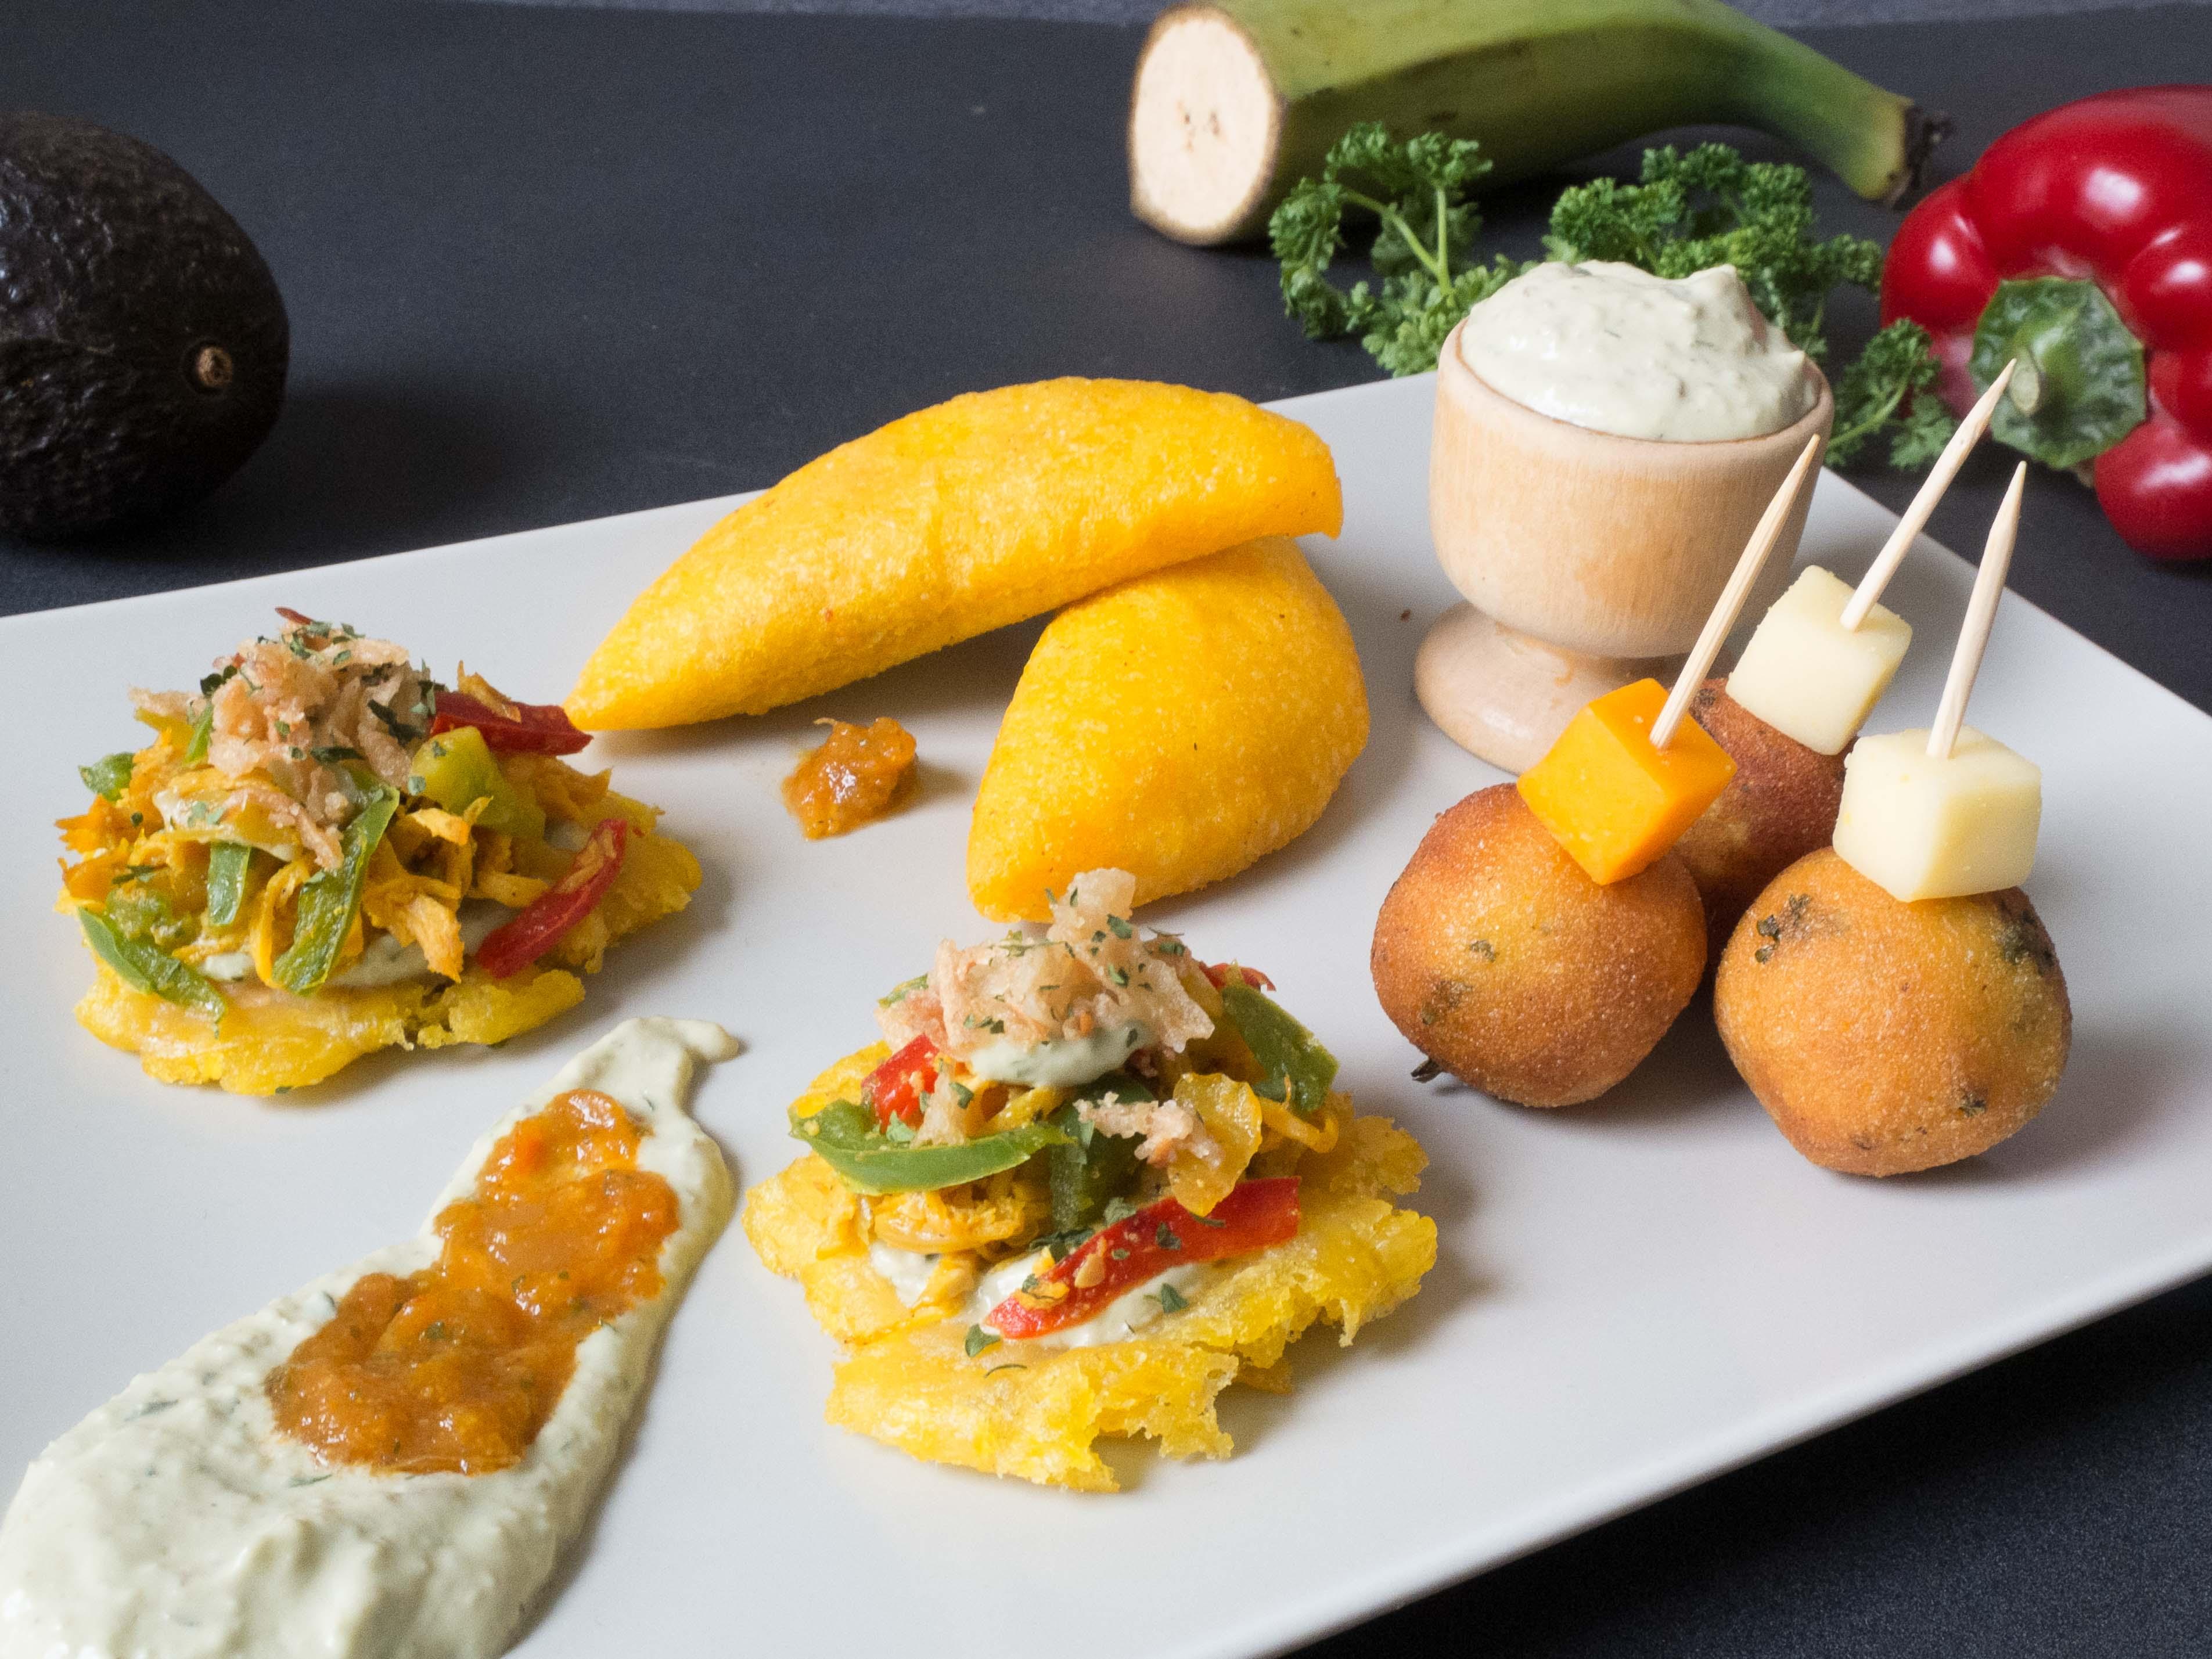 Cuisine a domicile stunning cuisine a domicile with - Cuisine a domicile tarif ...